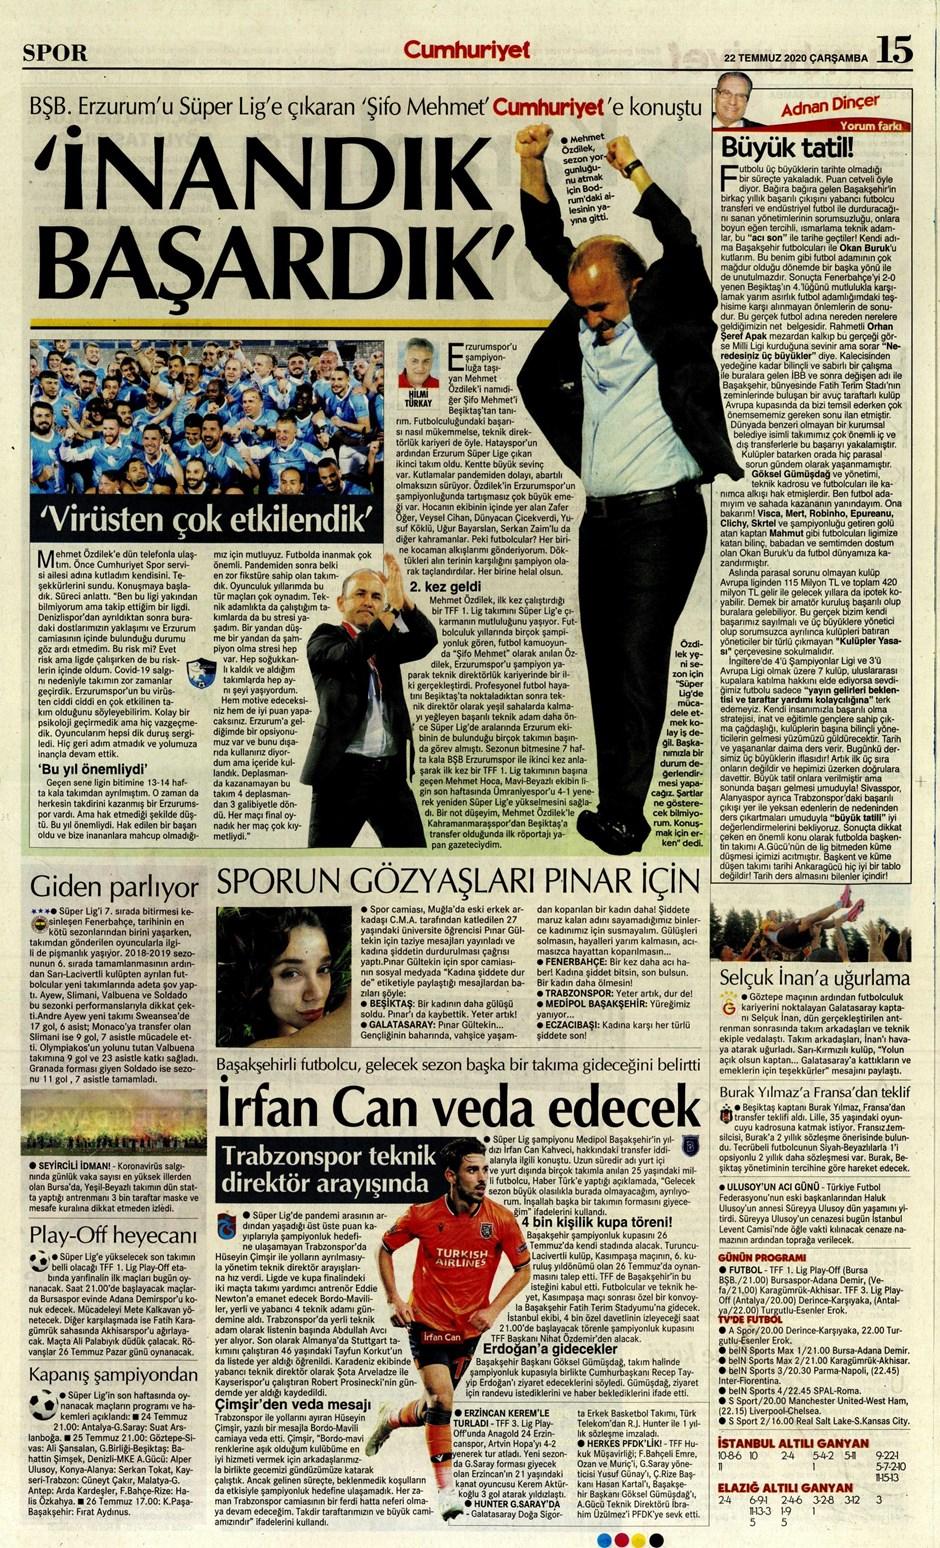 İşte 22 Temmuz günün spor manşetleri! Haftanın önemli spor gelişmeleri 8